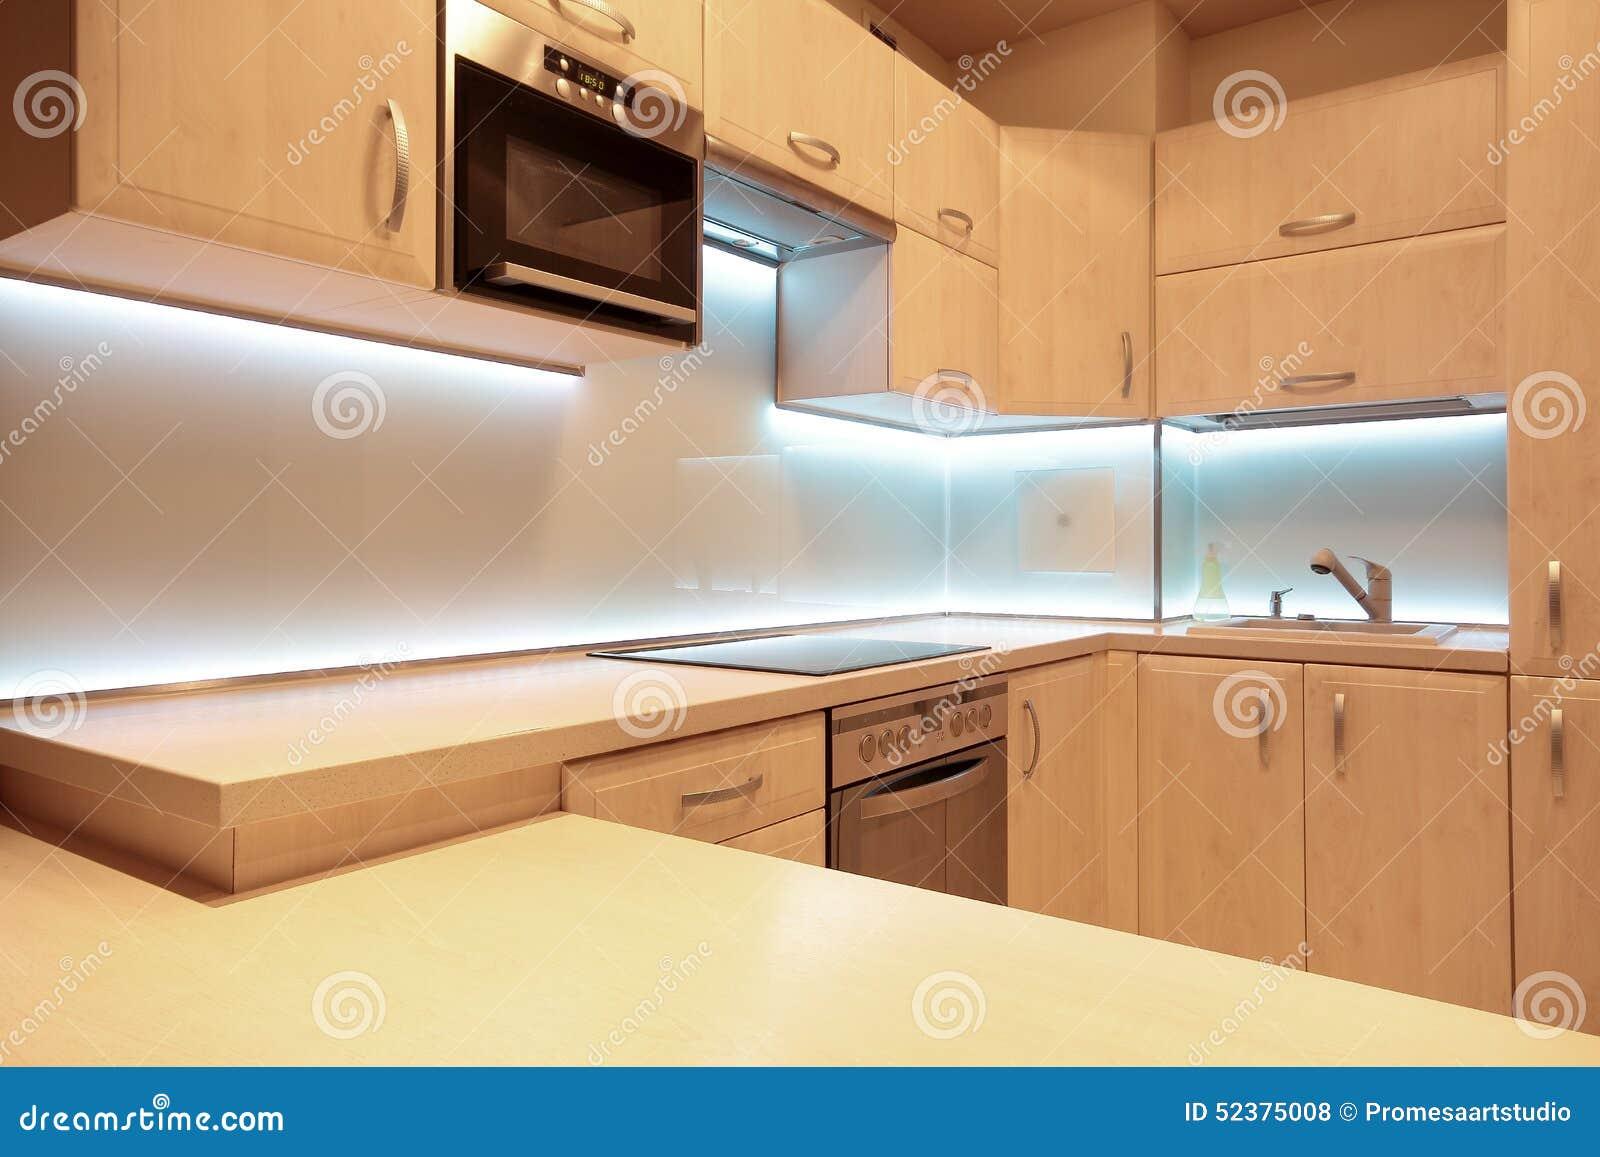 Cucina di lusso moderna con illuminazione bianca del led fotografia